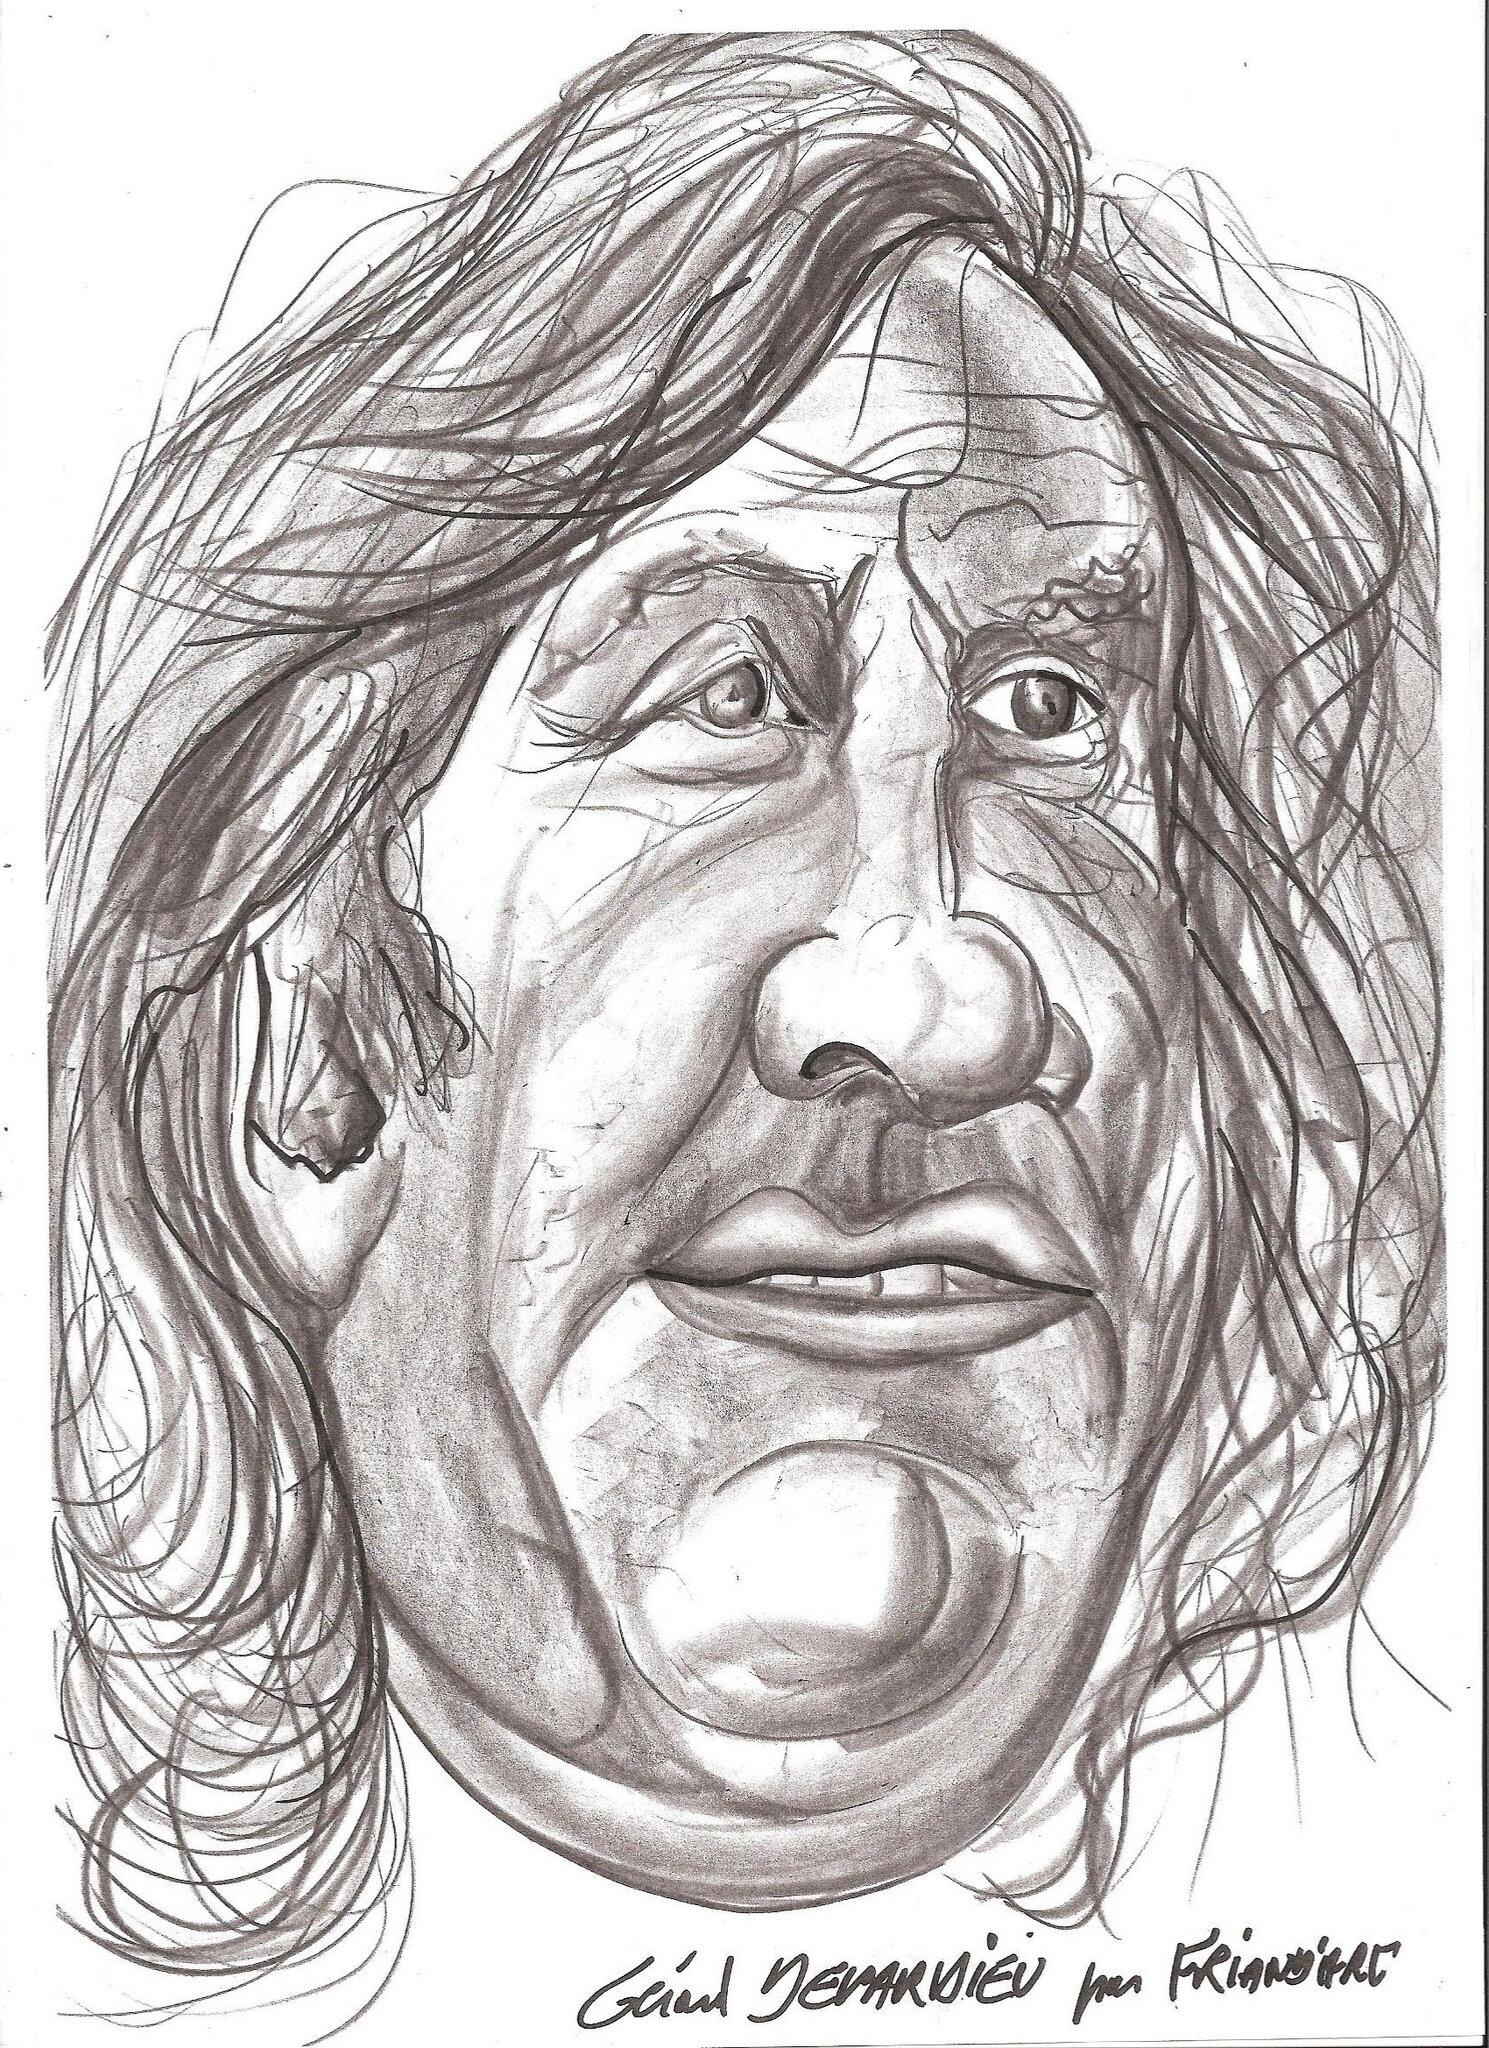 La magie d'un coup de crayon,humour et creativité